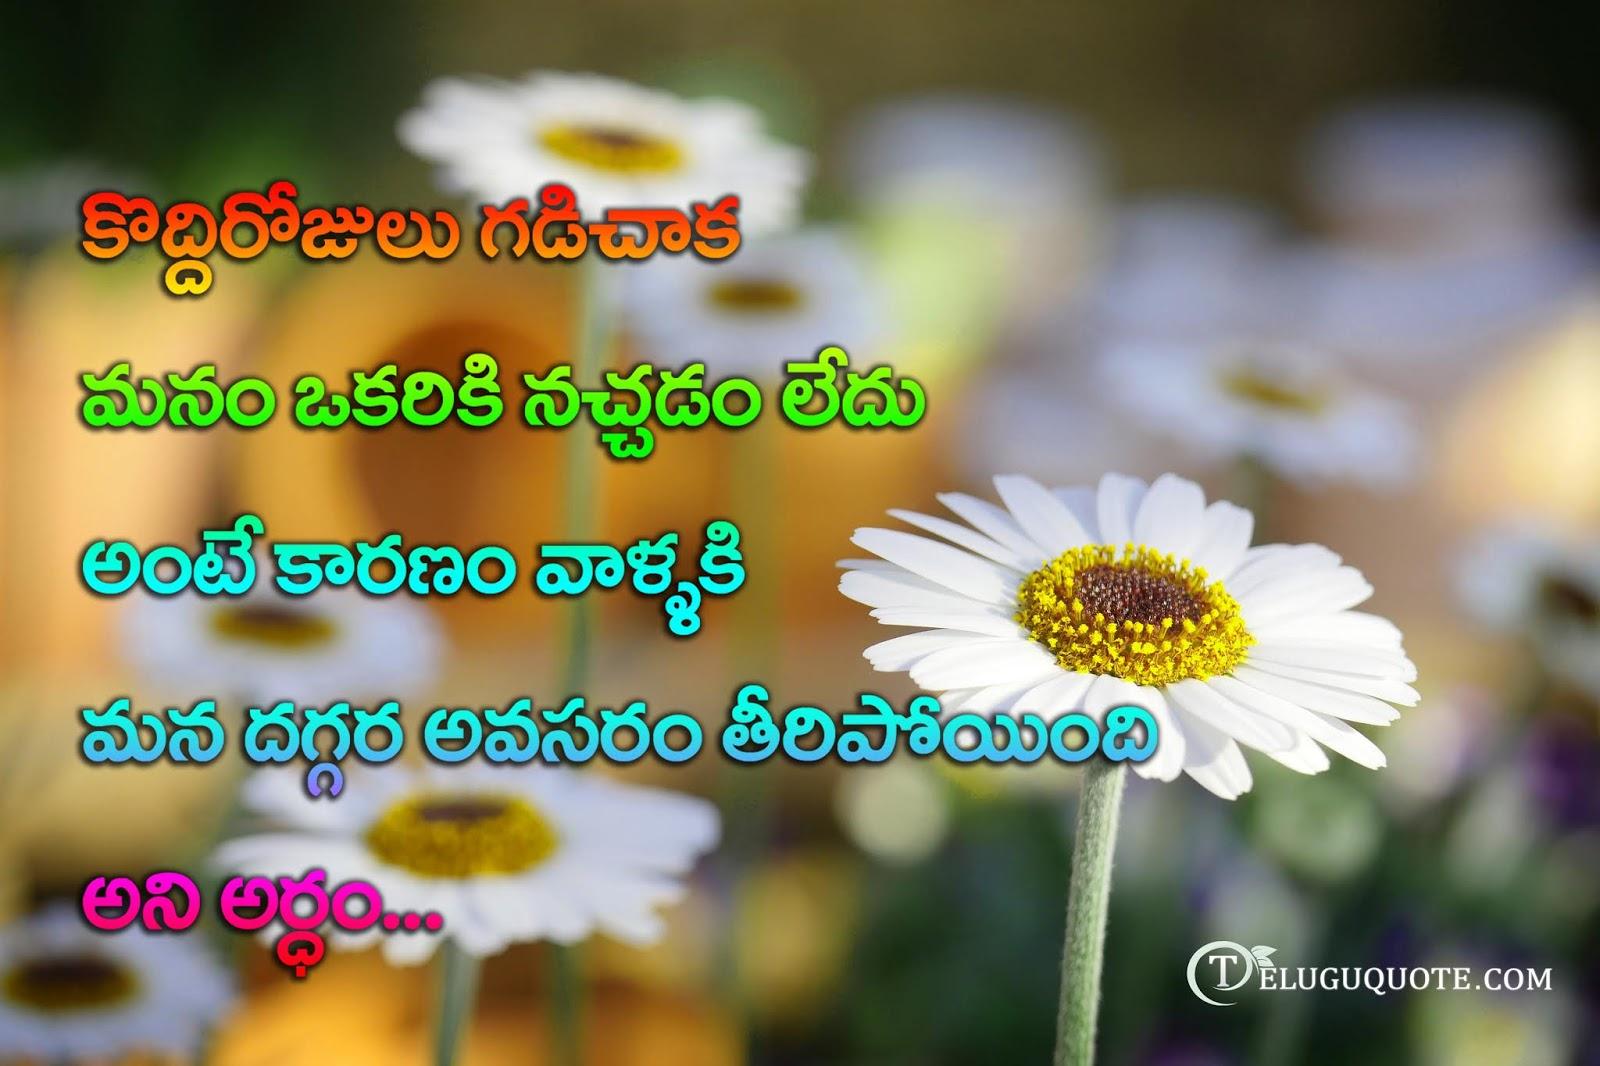 Elegant Love Failure Quotes In Telugu Images - good quotes